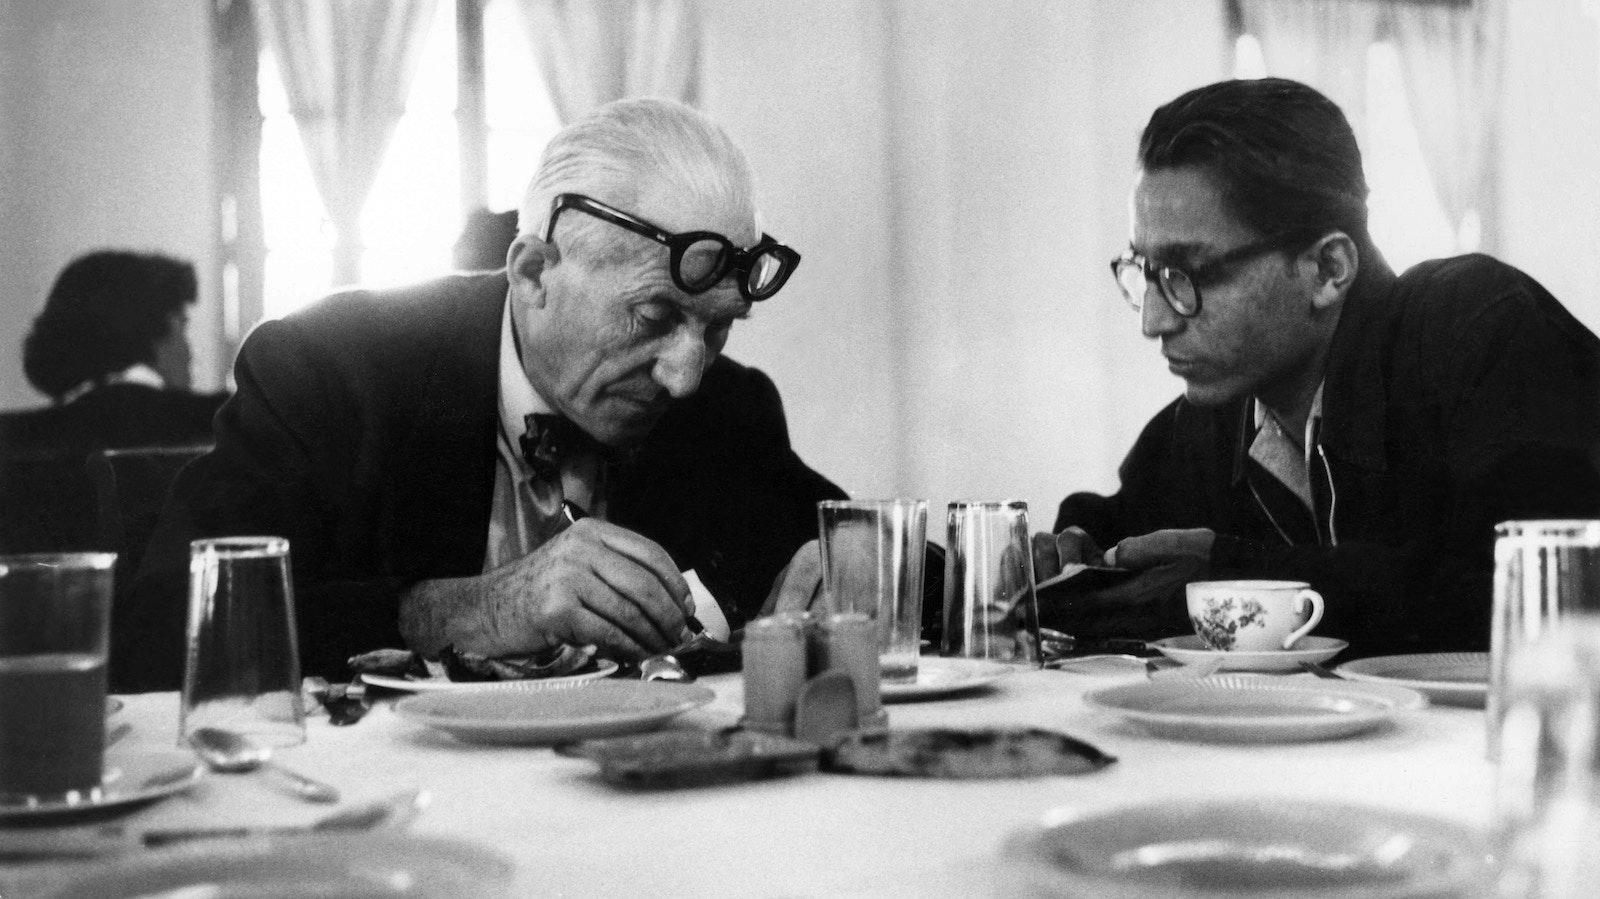 Doshi (rechts) mit seinem Mentor Le Corbusier